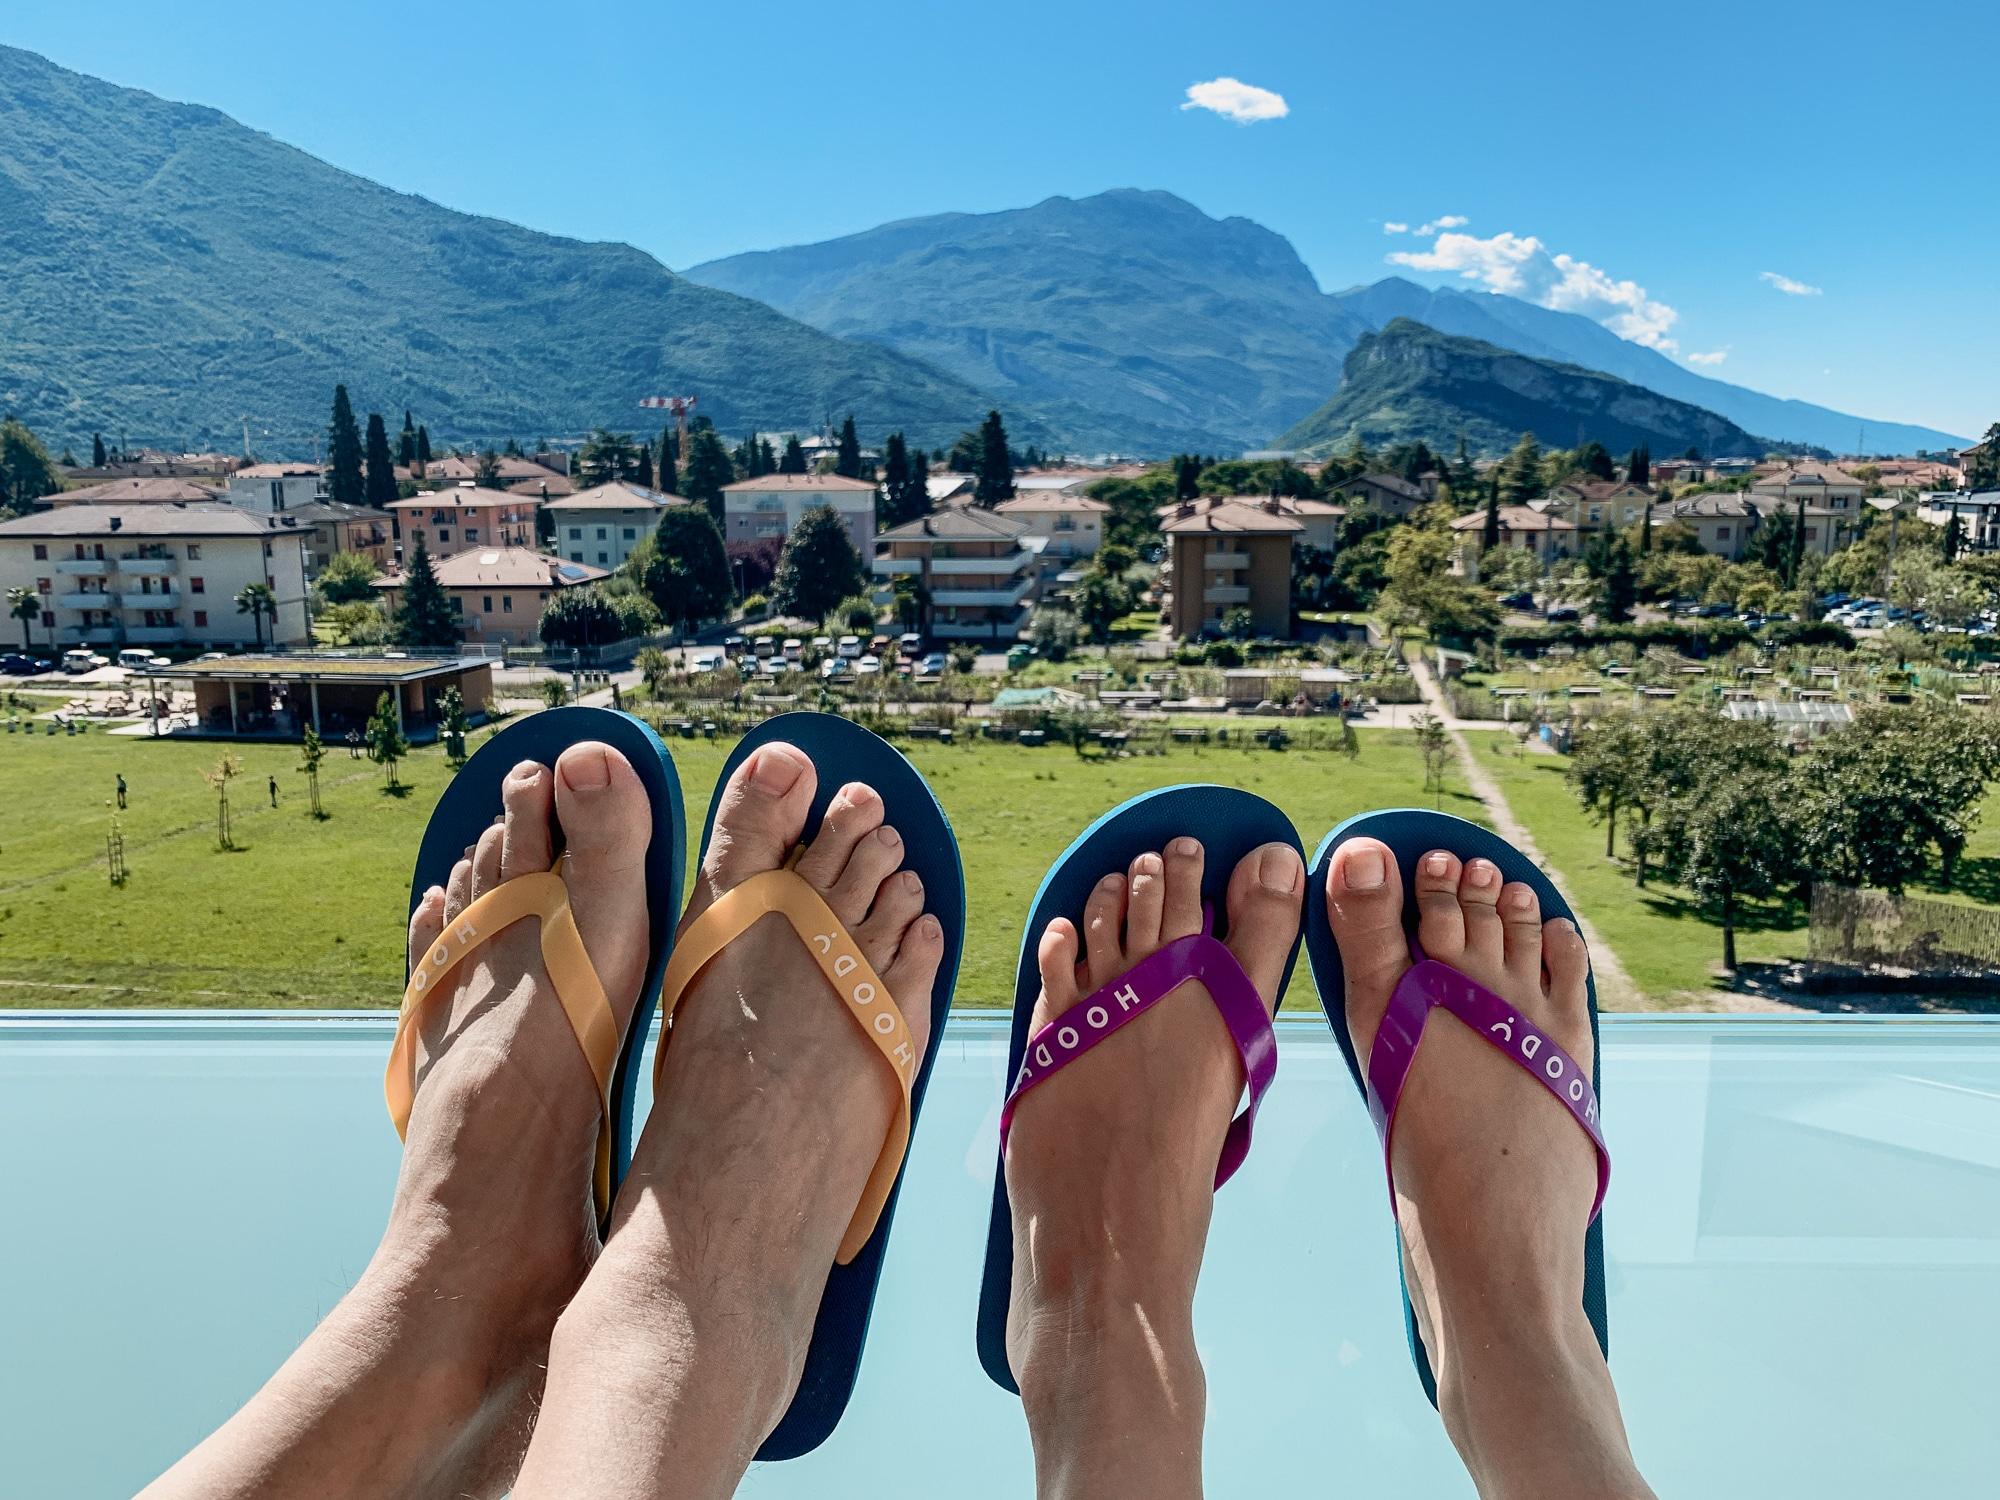 Hoody Hotel: Meine Erfahrungen im Gardasee Active & Happiness Hotel - Wellnessbereich mit Sauna und Jacuzzi